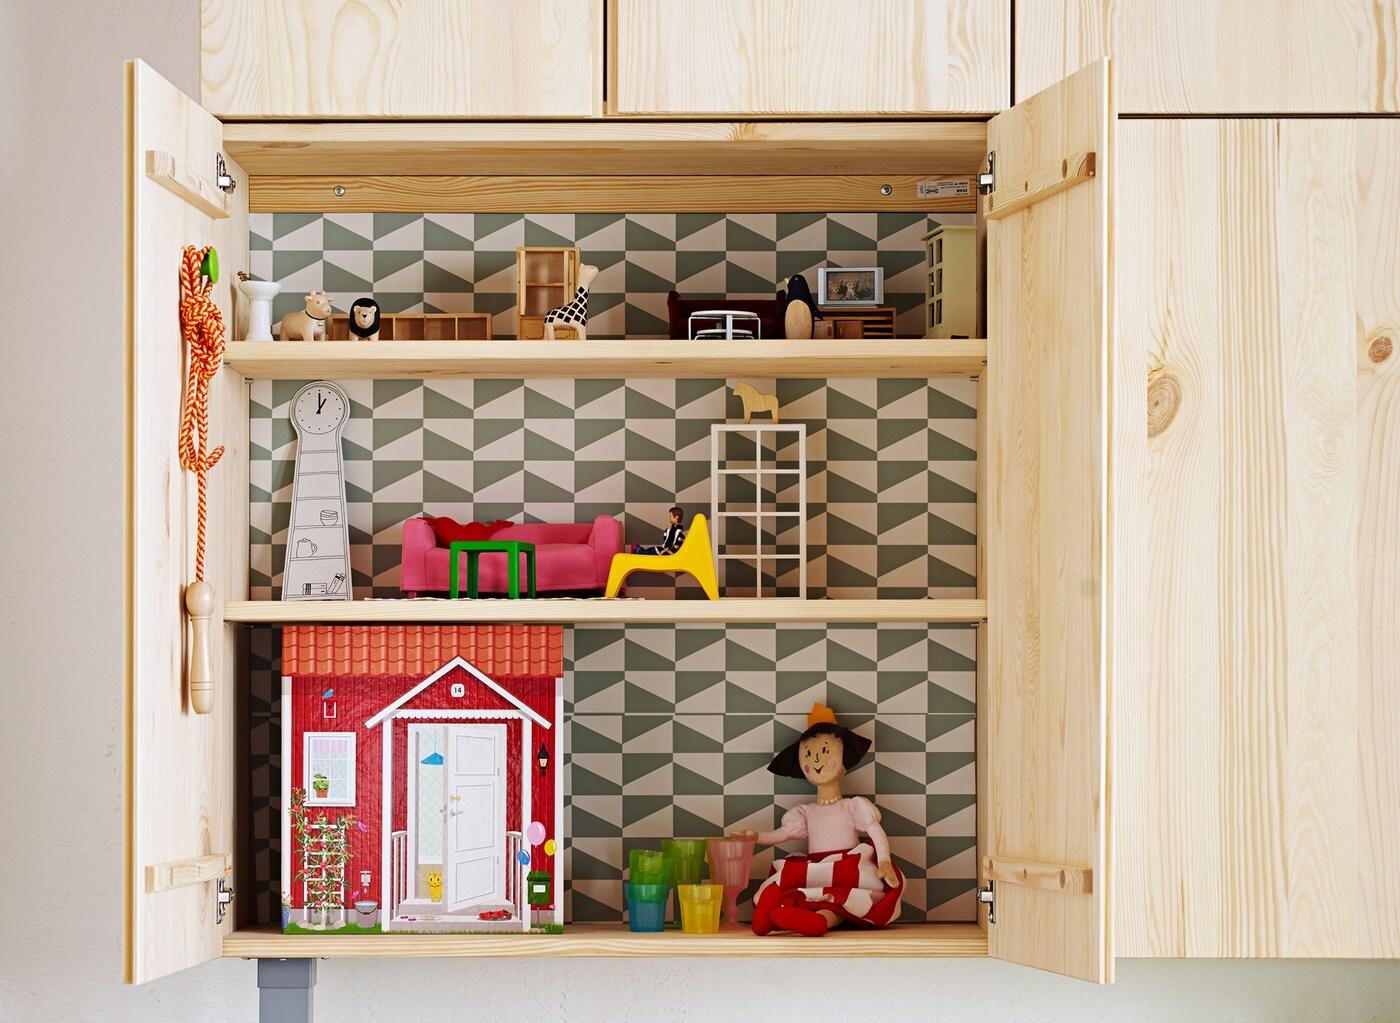 El Ivar Ideas Originales Personalizar Para Ikea Armario 0wNPyvm8nO